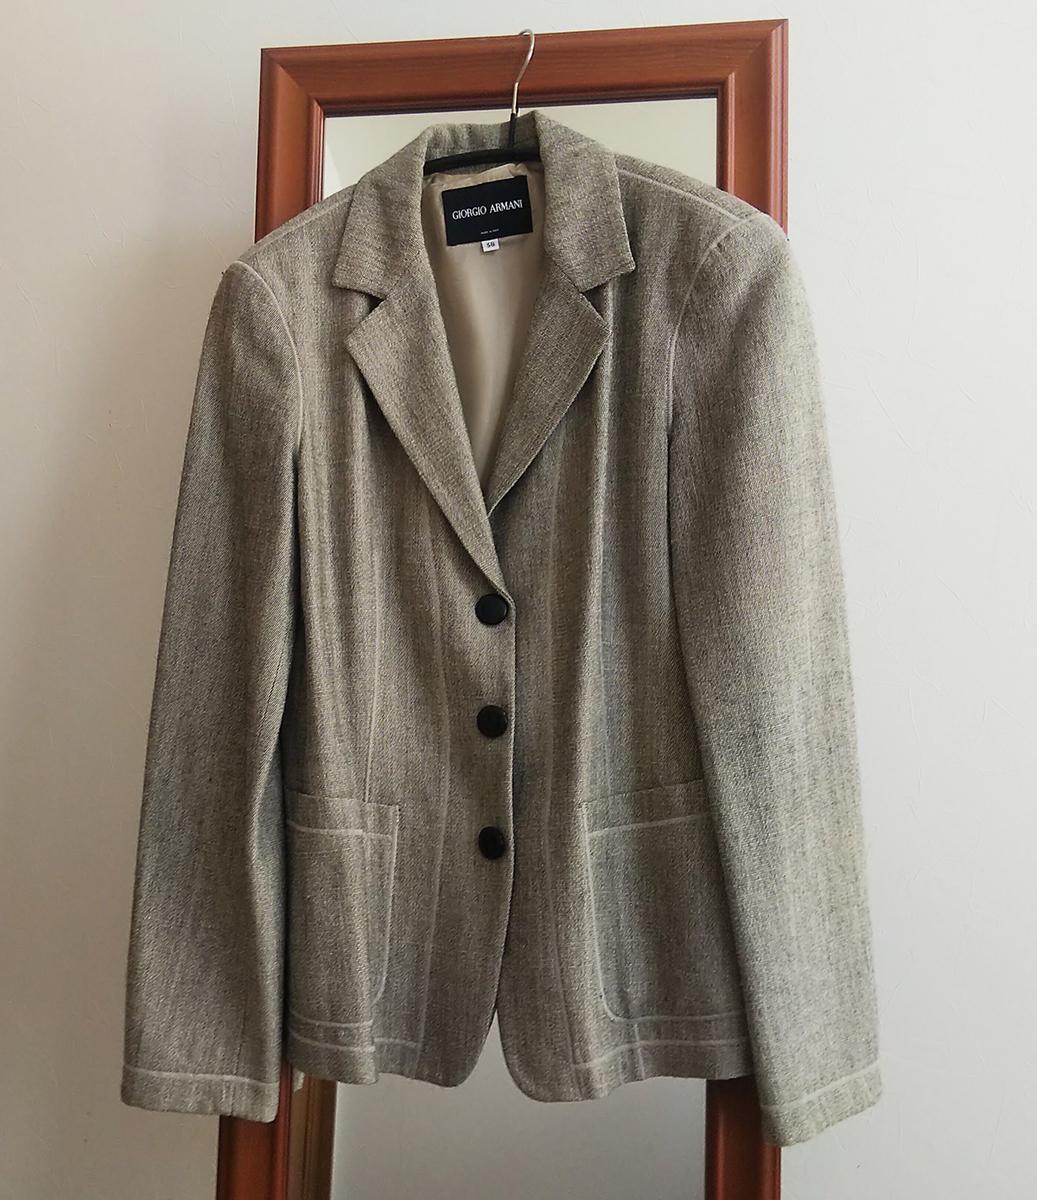 アルマーニのジャケット